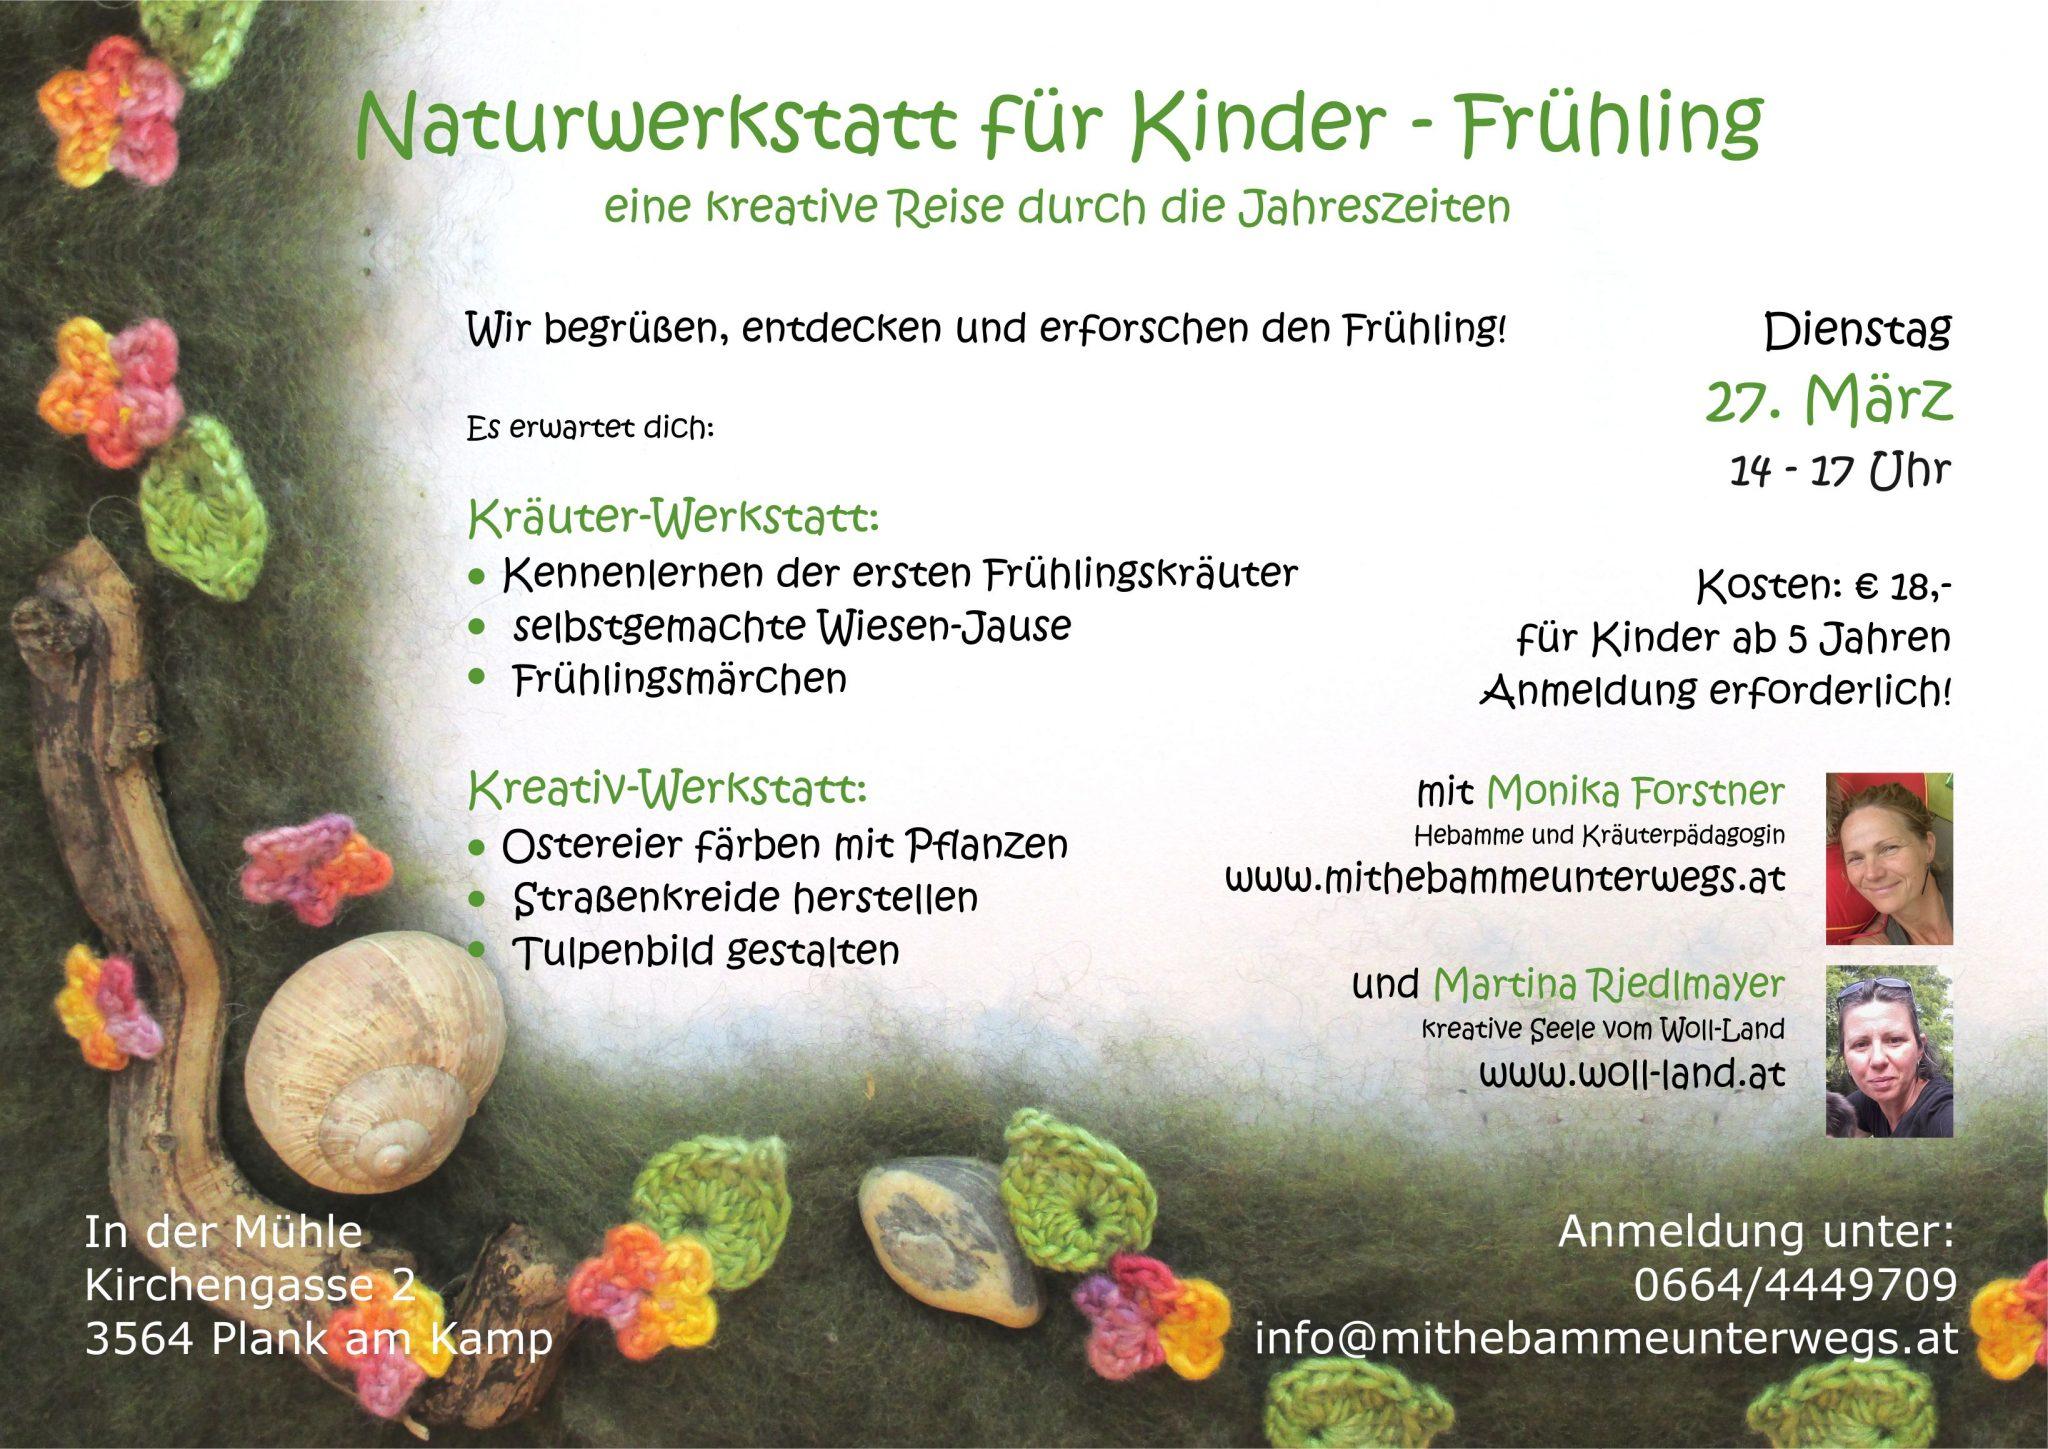 Naturwerkstatt für Kinder \